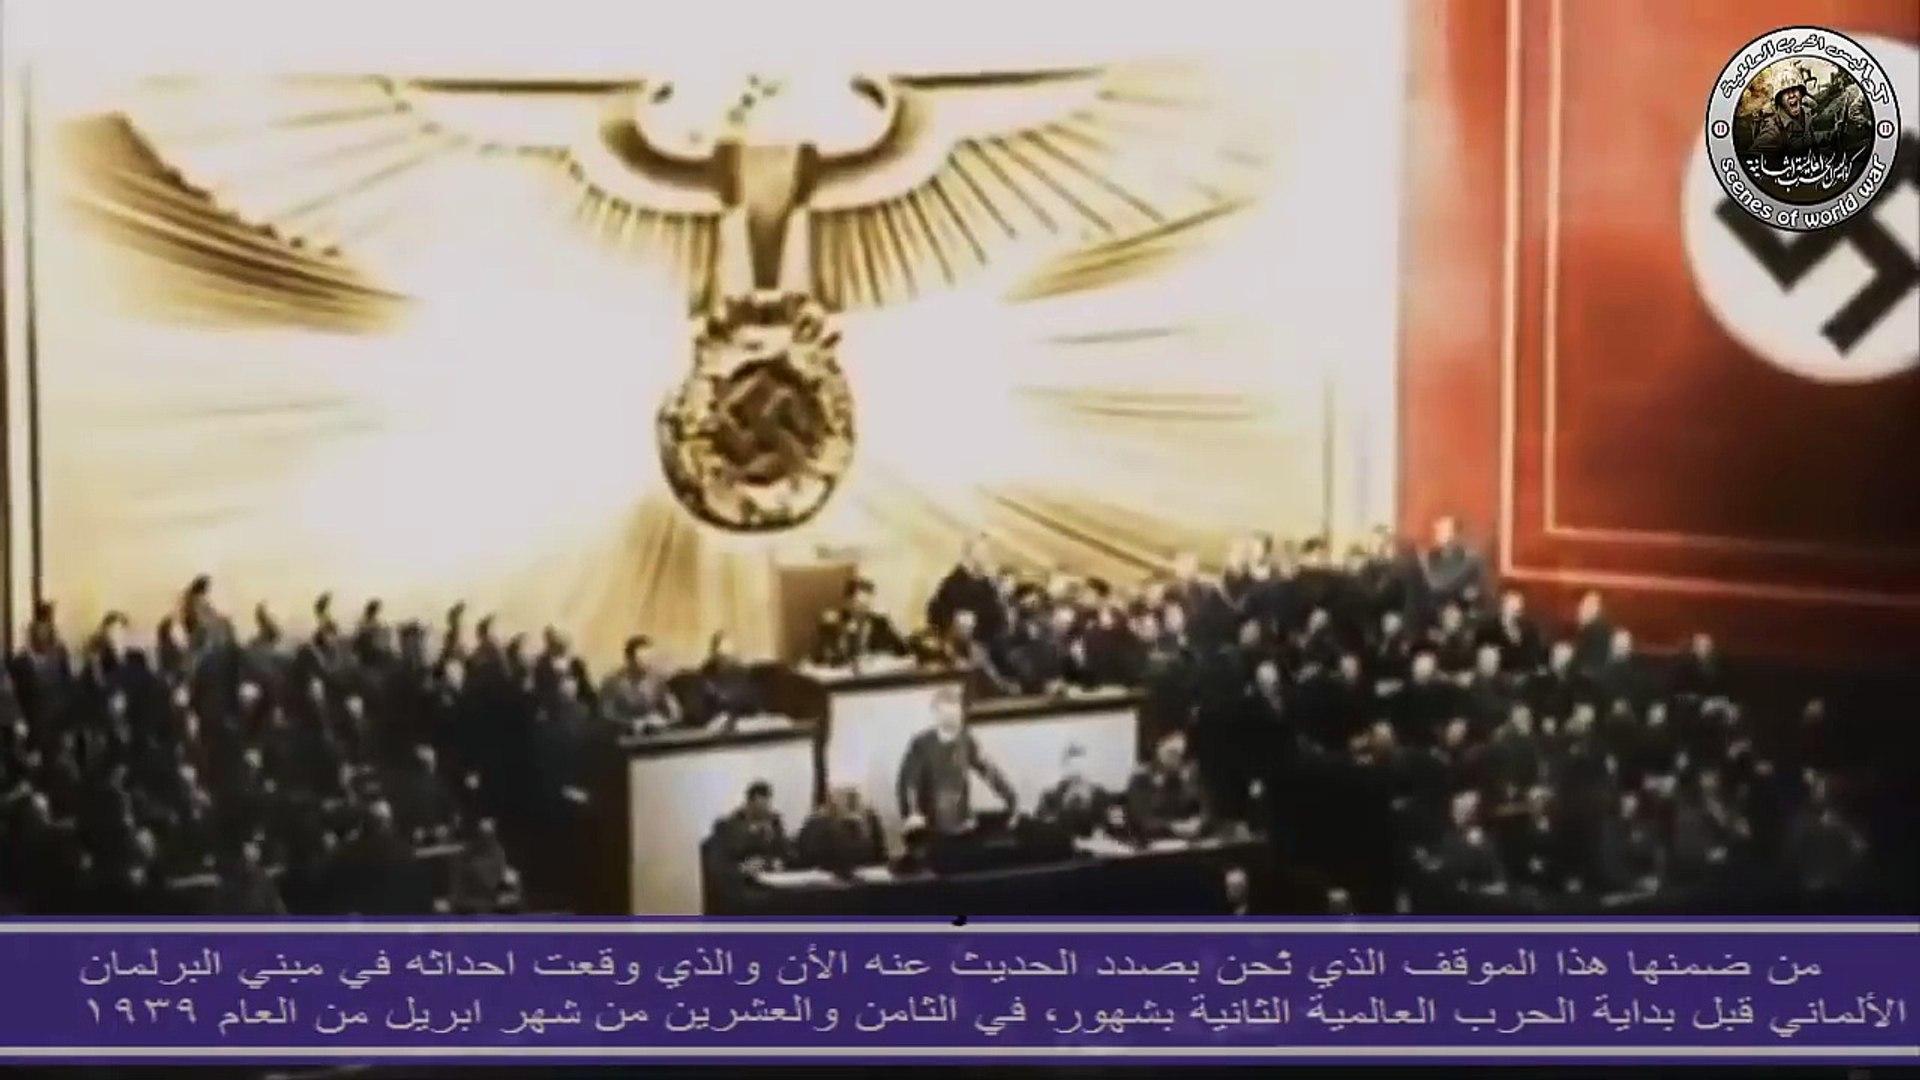 كلمات هتلر التاريخية عن فلسطين  - الحيثيات والتفاصيل !